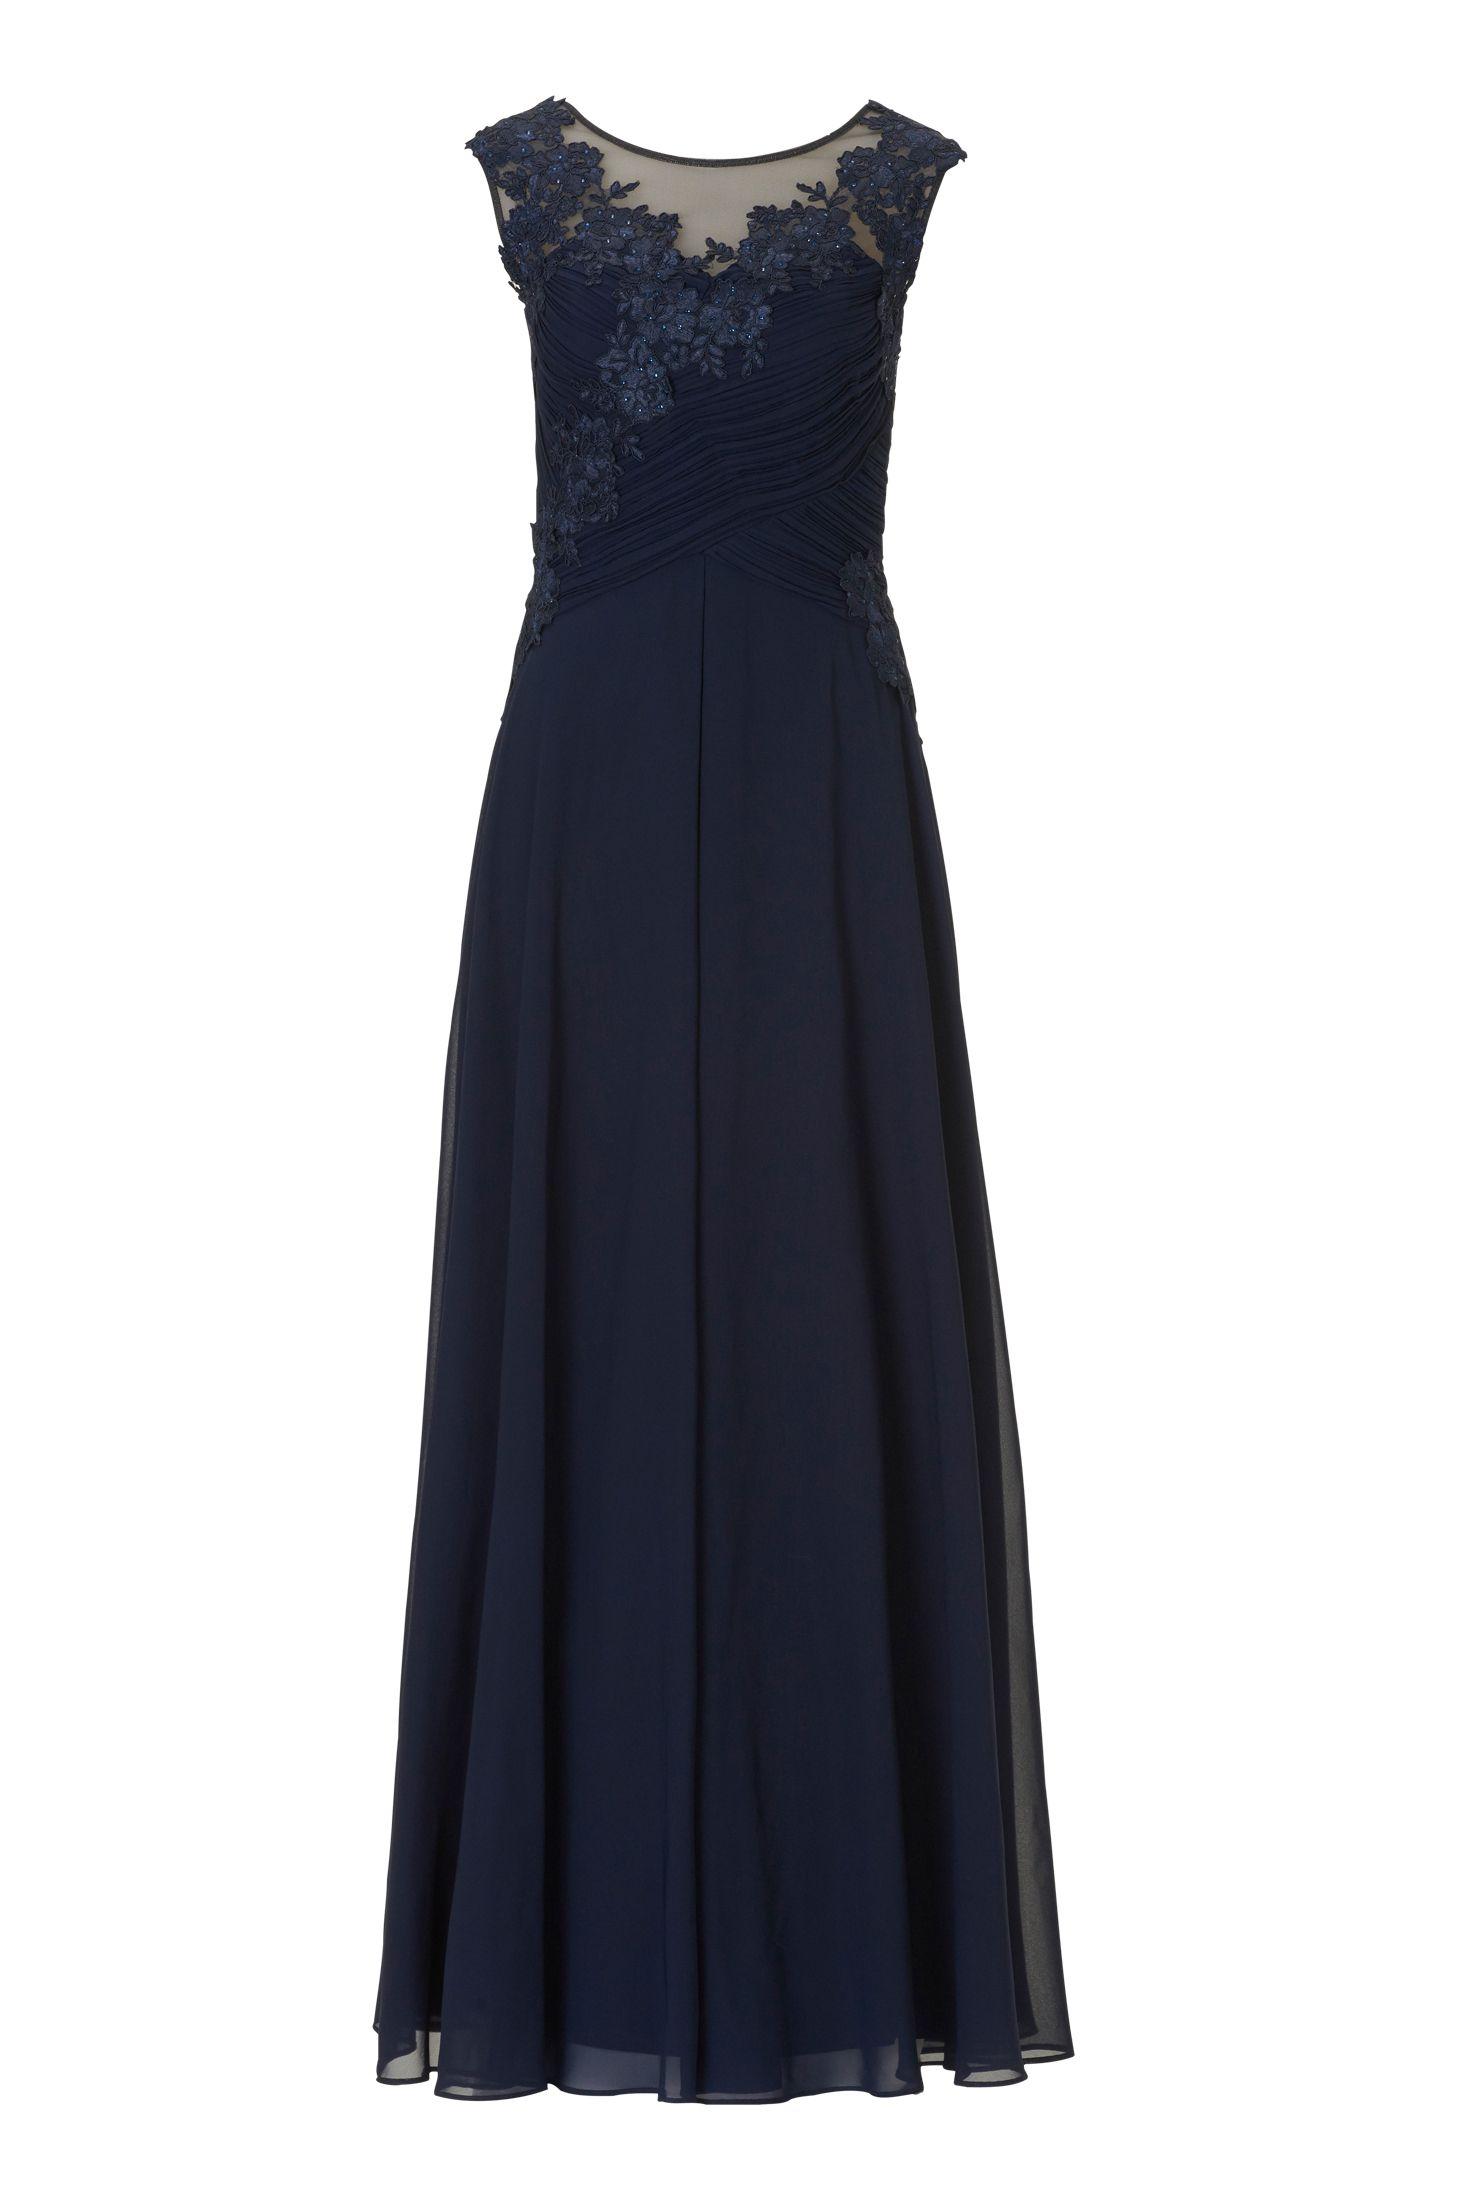 Langes Kleid Abendkleid Chiffon Dunkelblau Vera Mont  Mode